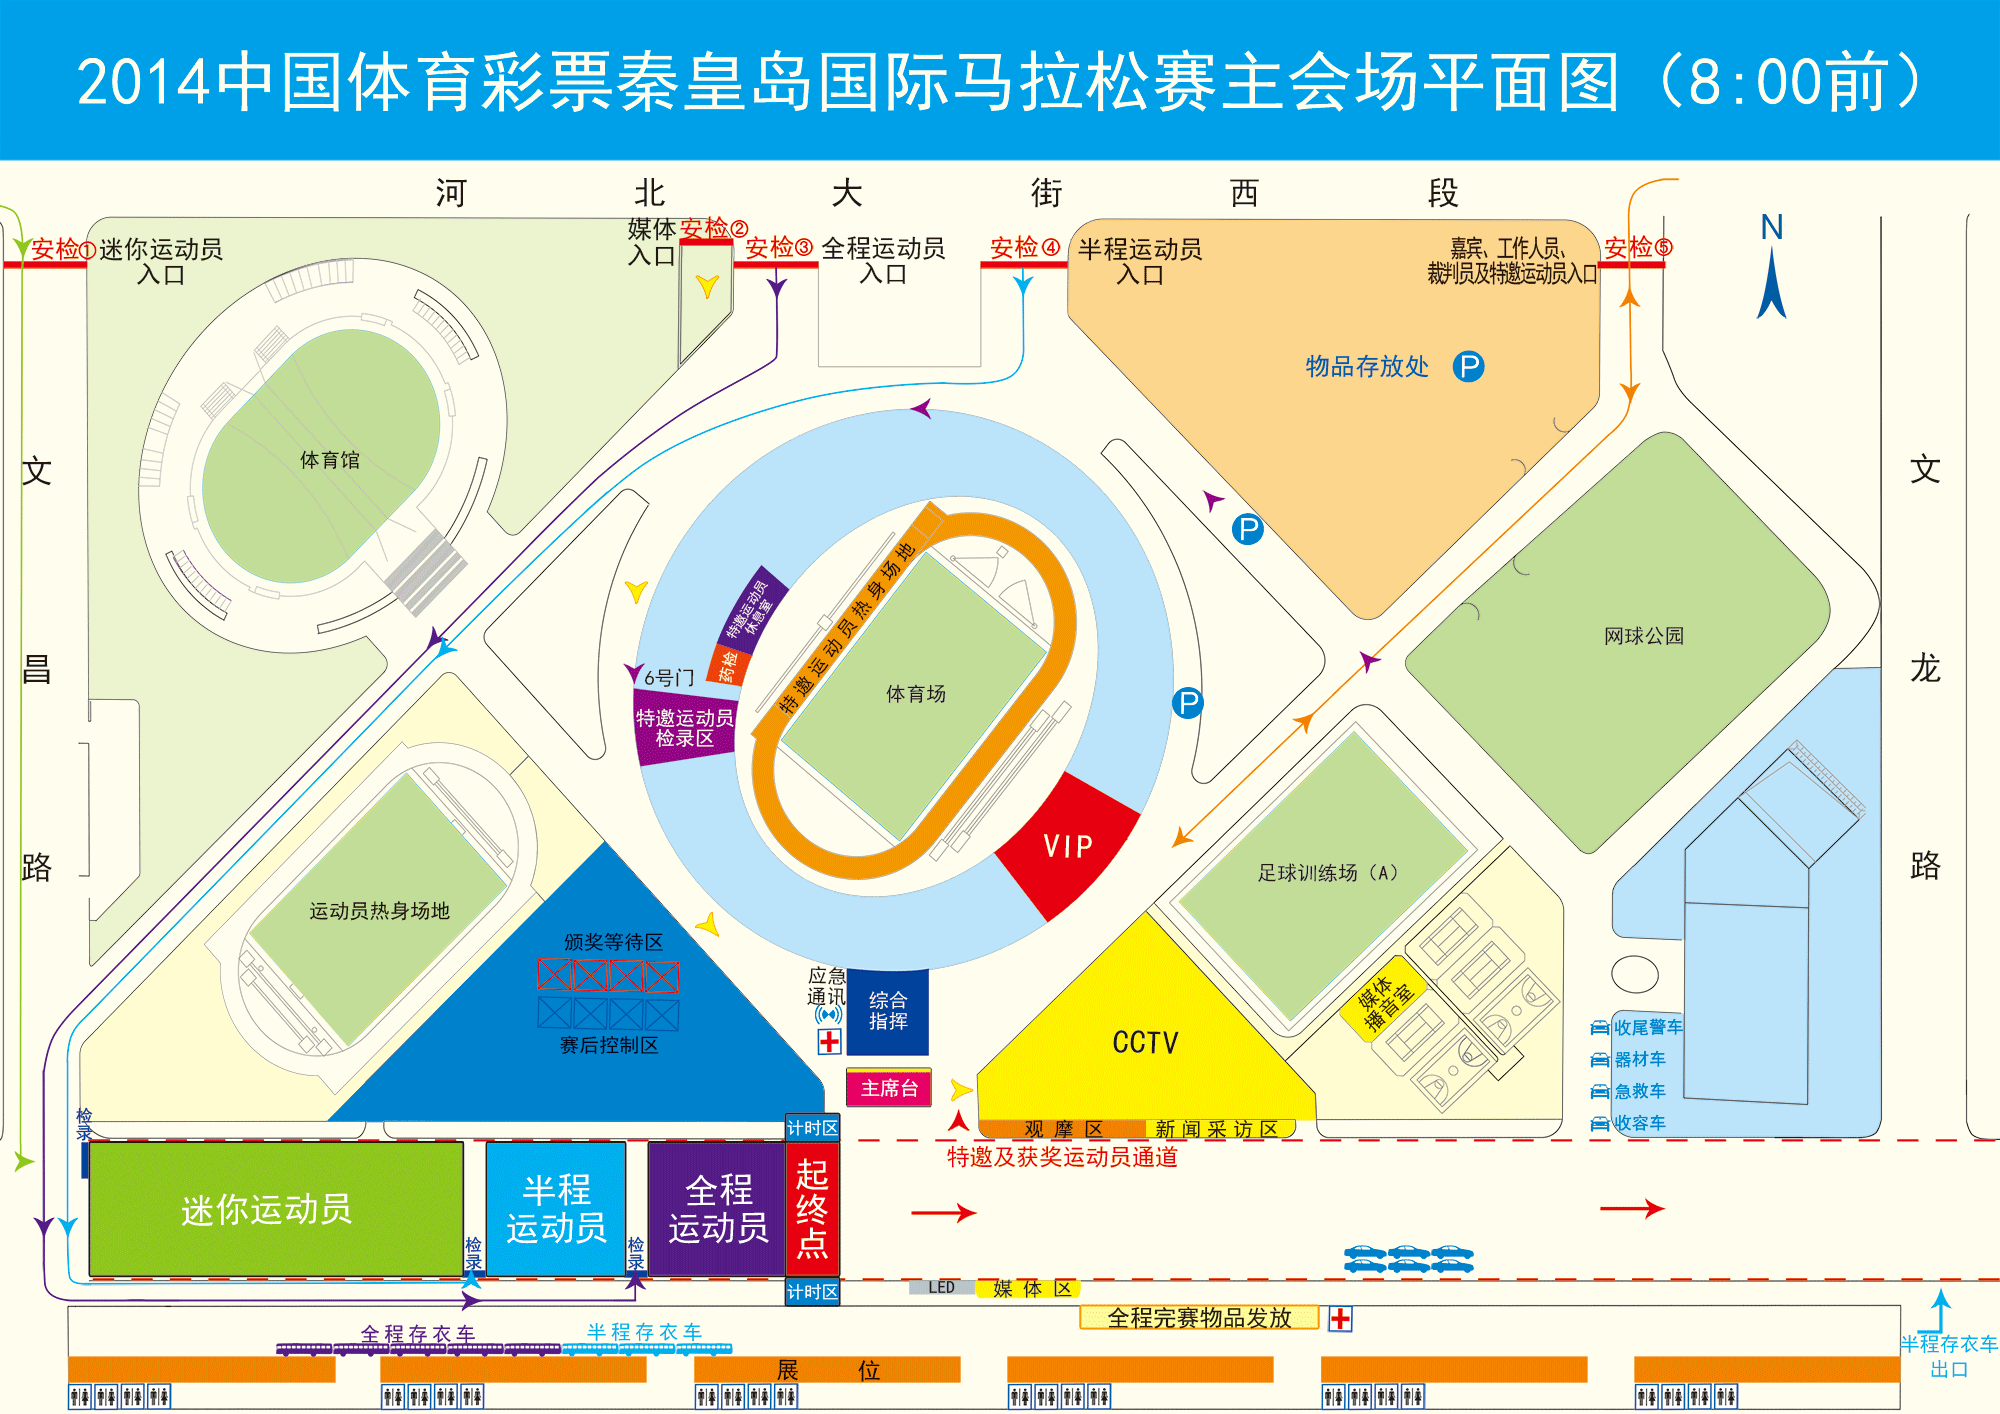 8点前+2014秦皇岛国际马拉松赛主会场平面图.png